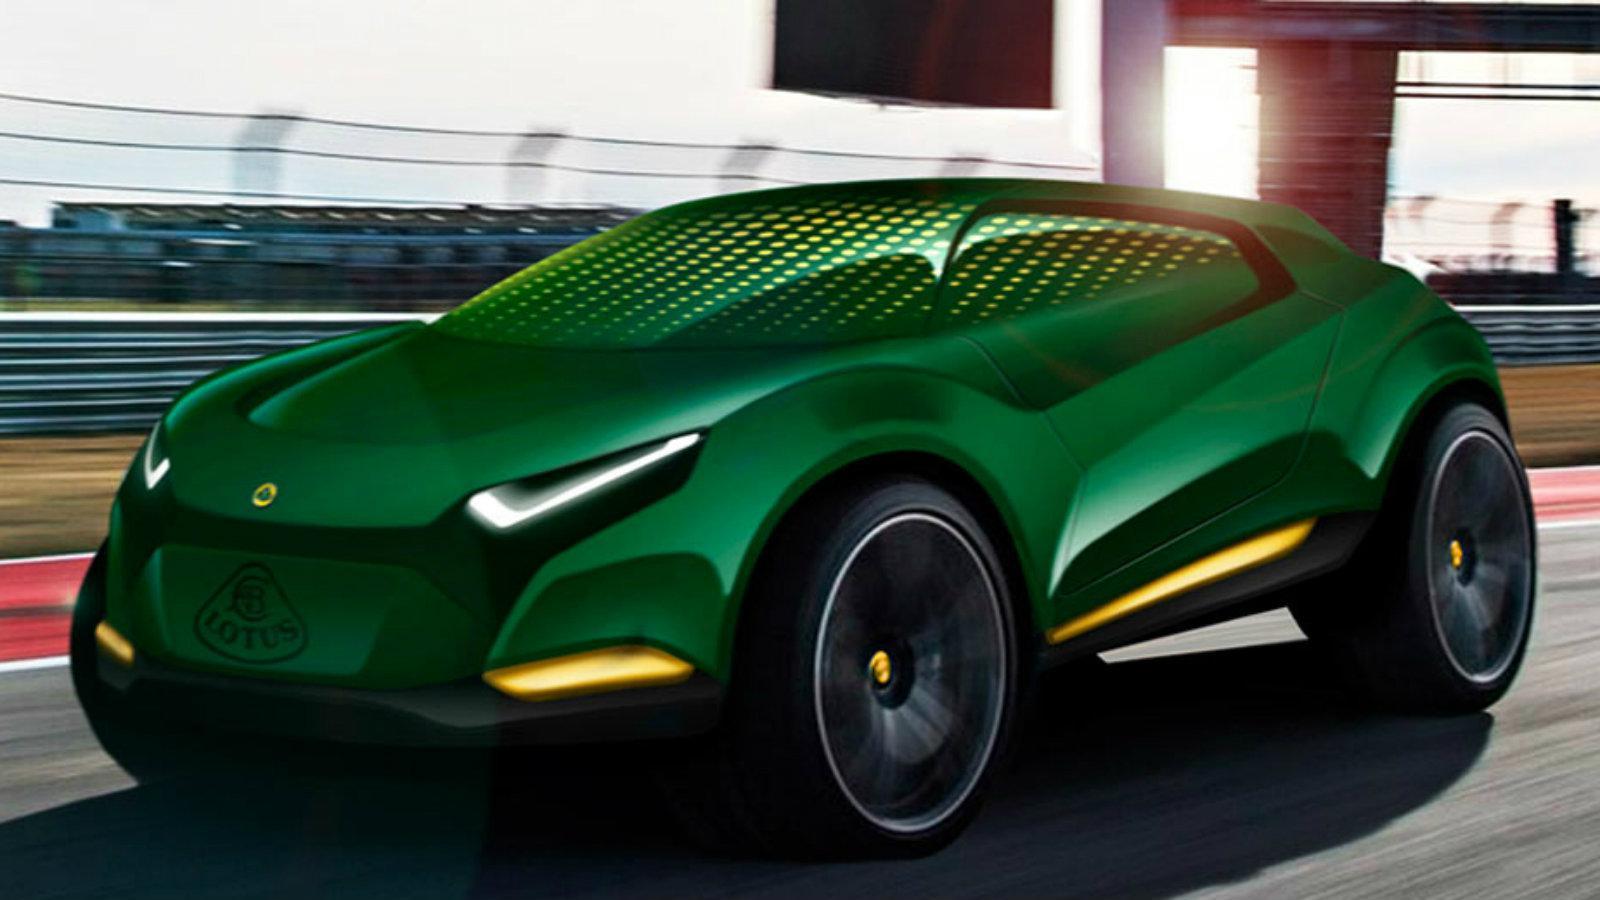 032018 040844201062 - Первый кроссовер Lotus получит платформу от Volvo